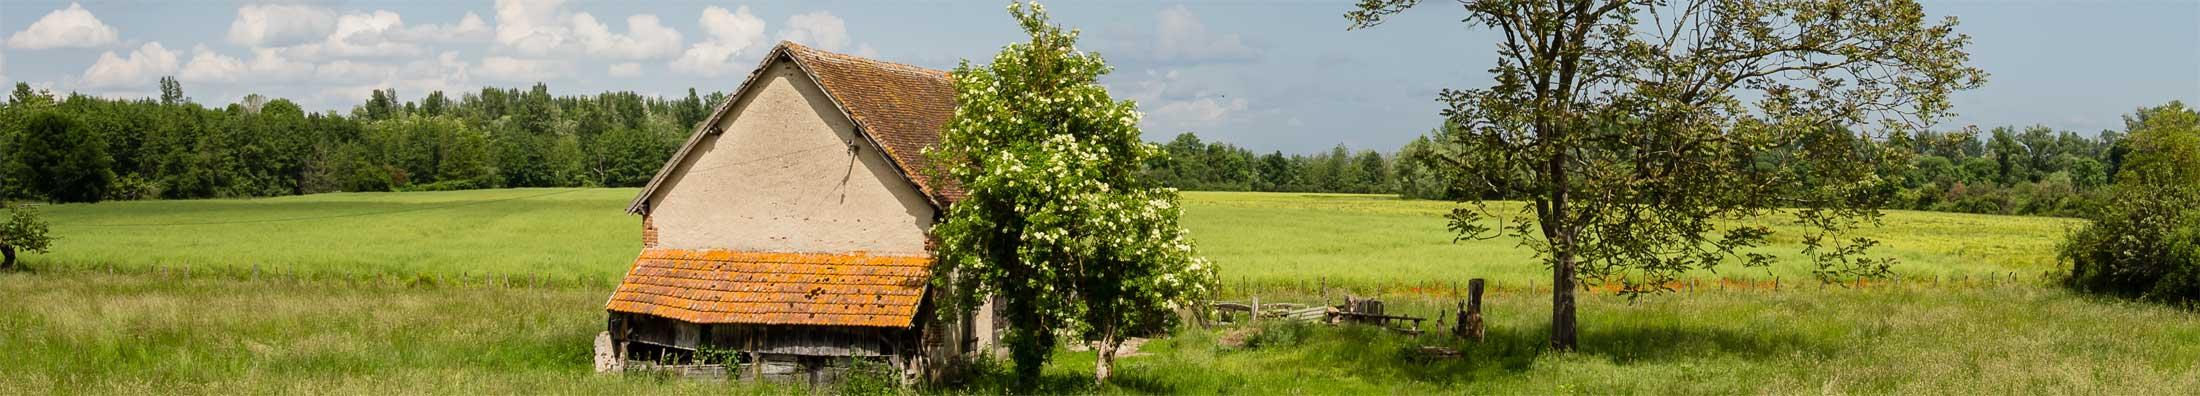 Beste Bed and Breakfast - Frankrijk - Auvergne-Rhône-Alpes - Allier - Beaune d'Allier - Shenmen - topfoto